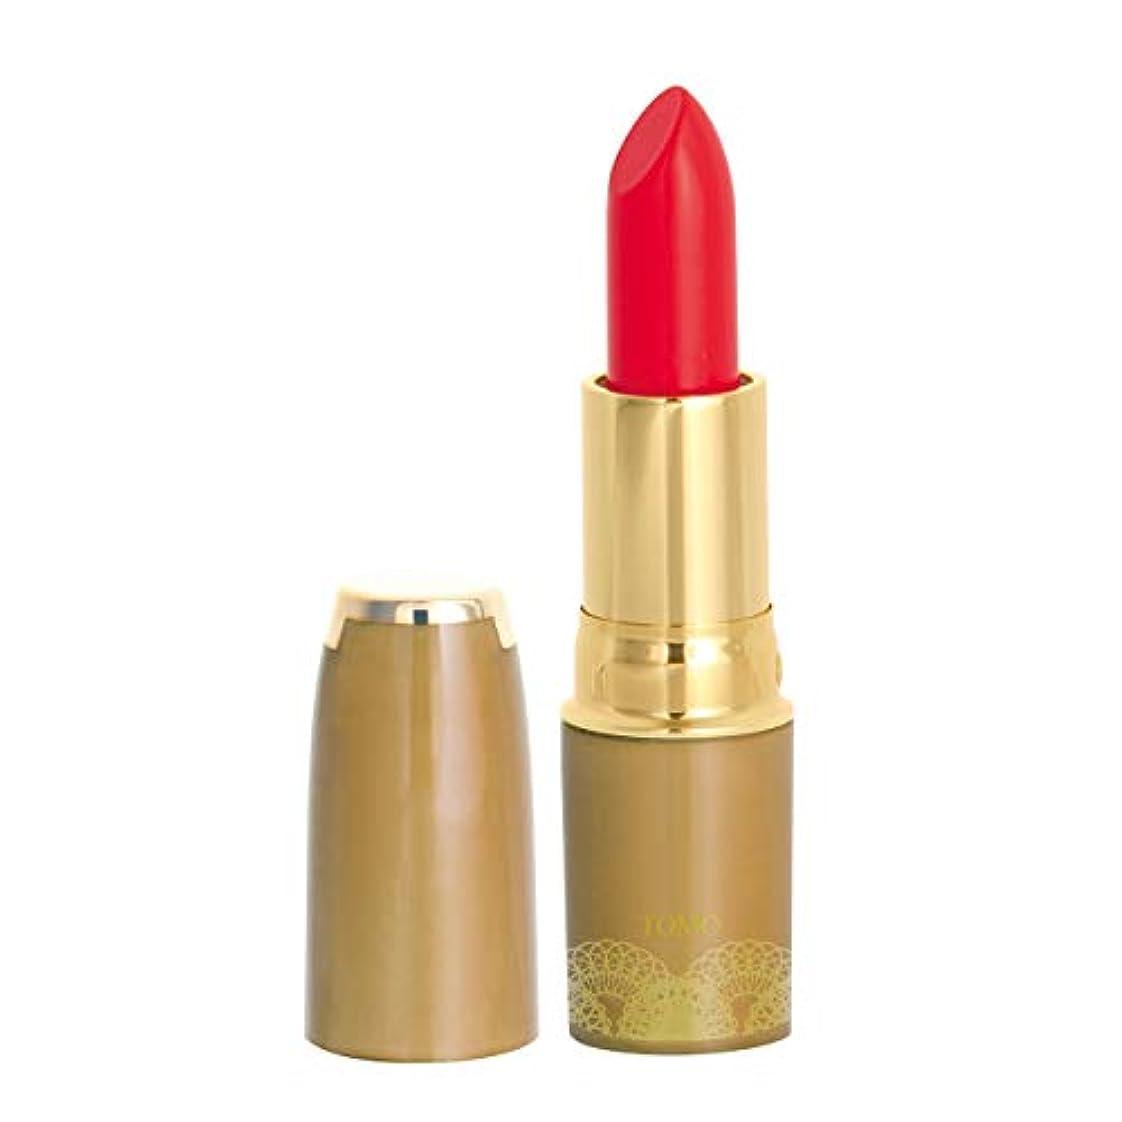 切る長々と落胆する安心 安全 低刺激 食用色素からできた口紅 ナチュレリップ LC-01 (ブライトレッド) 全6色